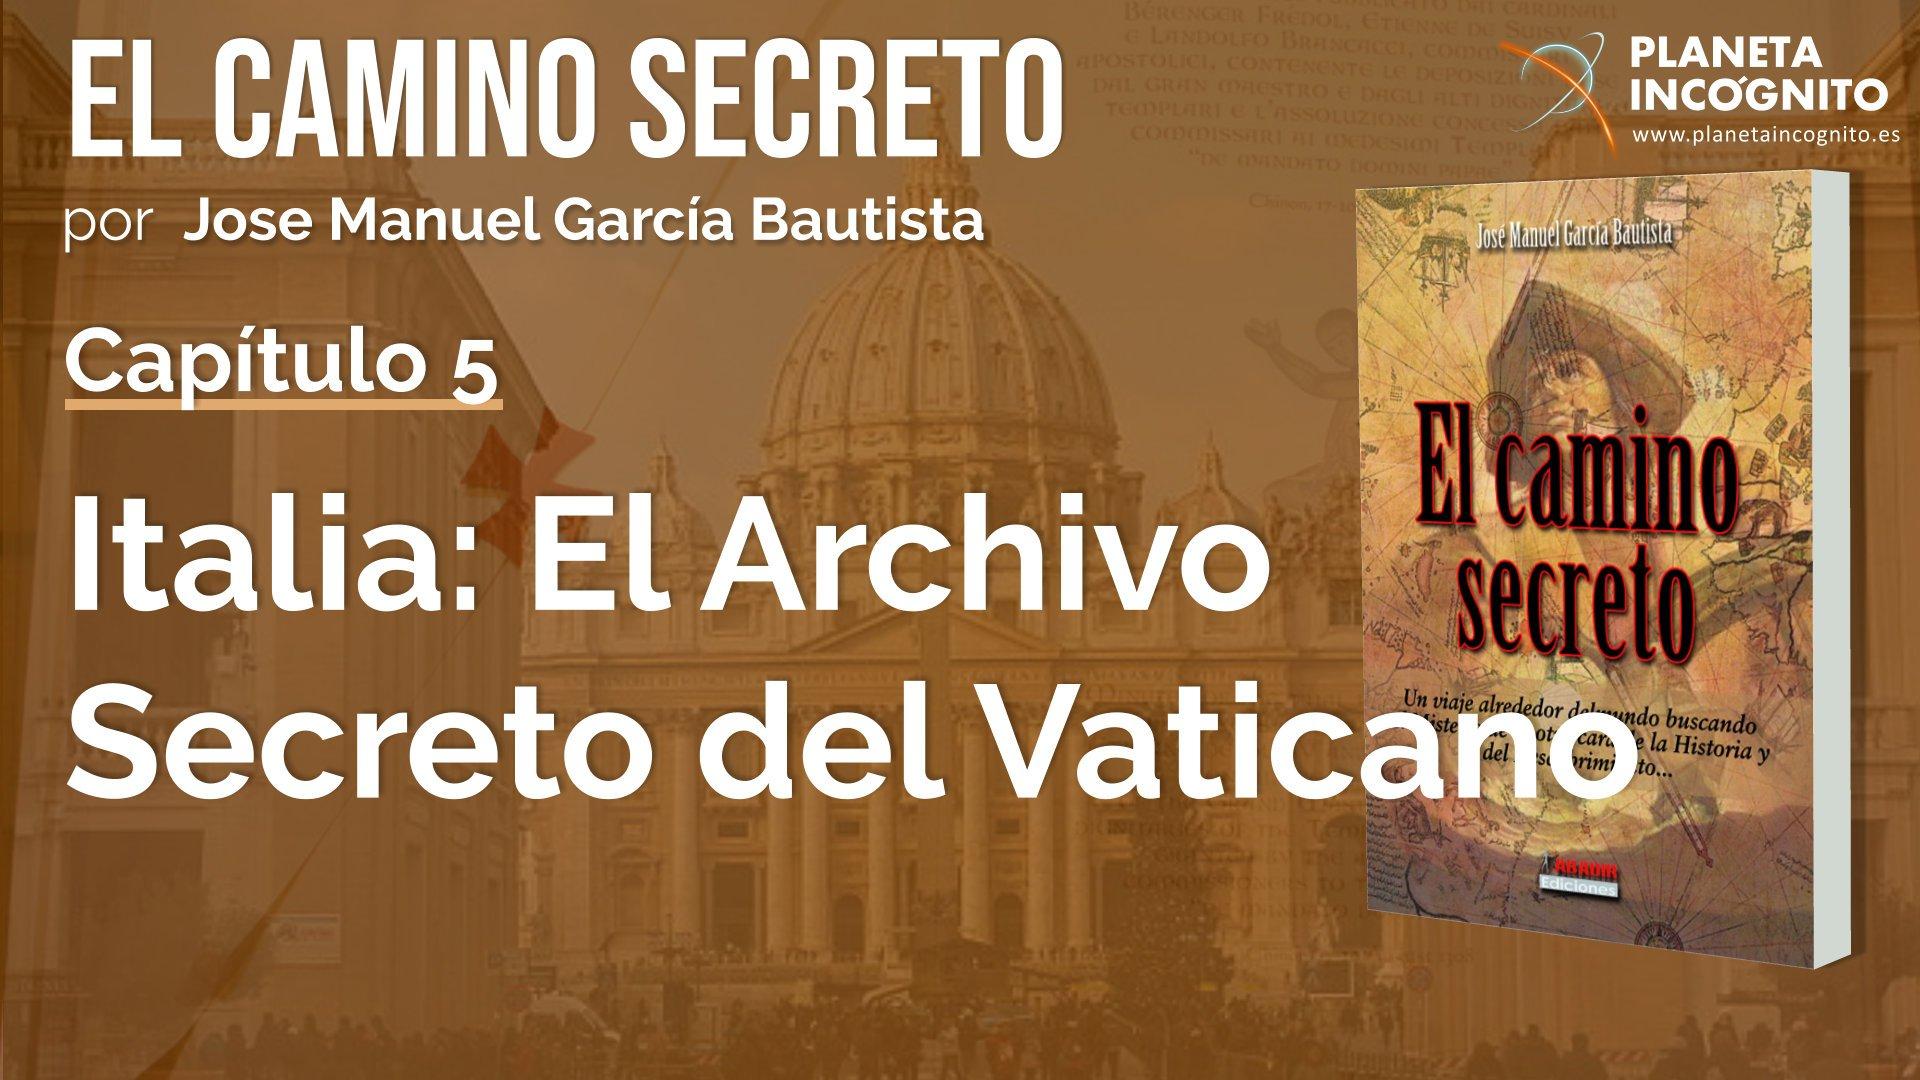 El Camino Secreto – Jose Manuel García Bautista – 6º fascículo – Capítulo 5 – Italia : El Archivo Secreto Vaticano -Templarios